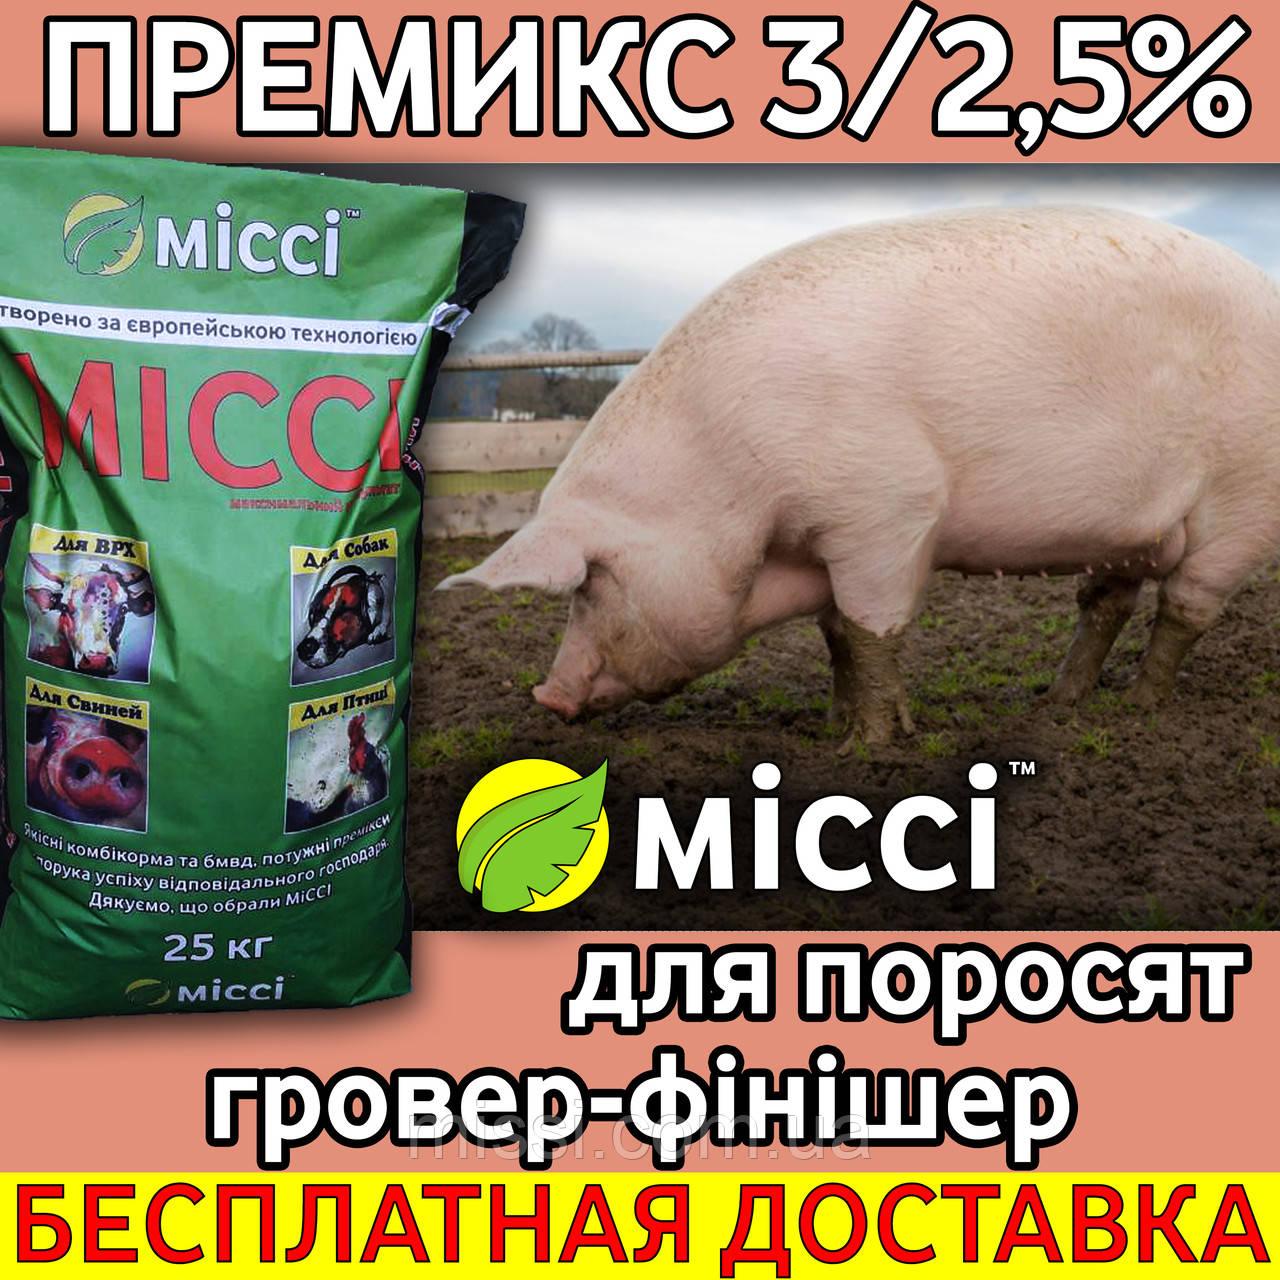 ПРЕМИКС ГРОВЕР-ФИНИШЕР для свиней 3% (мешок 25 кг), Мисси